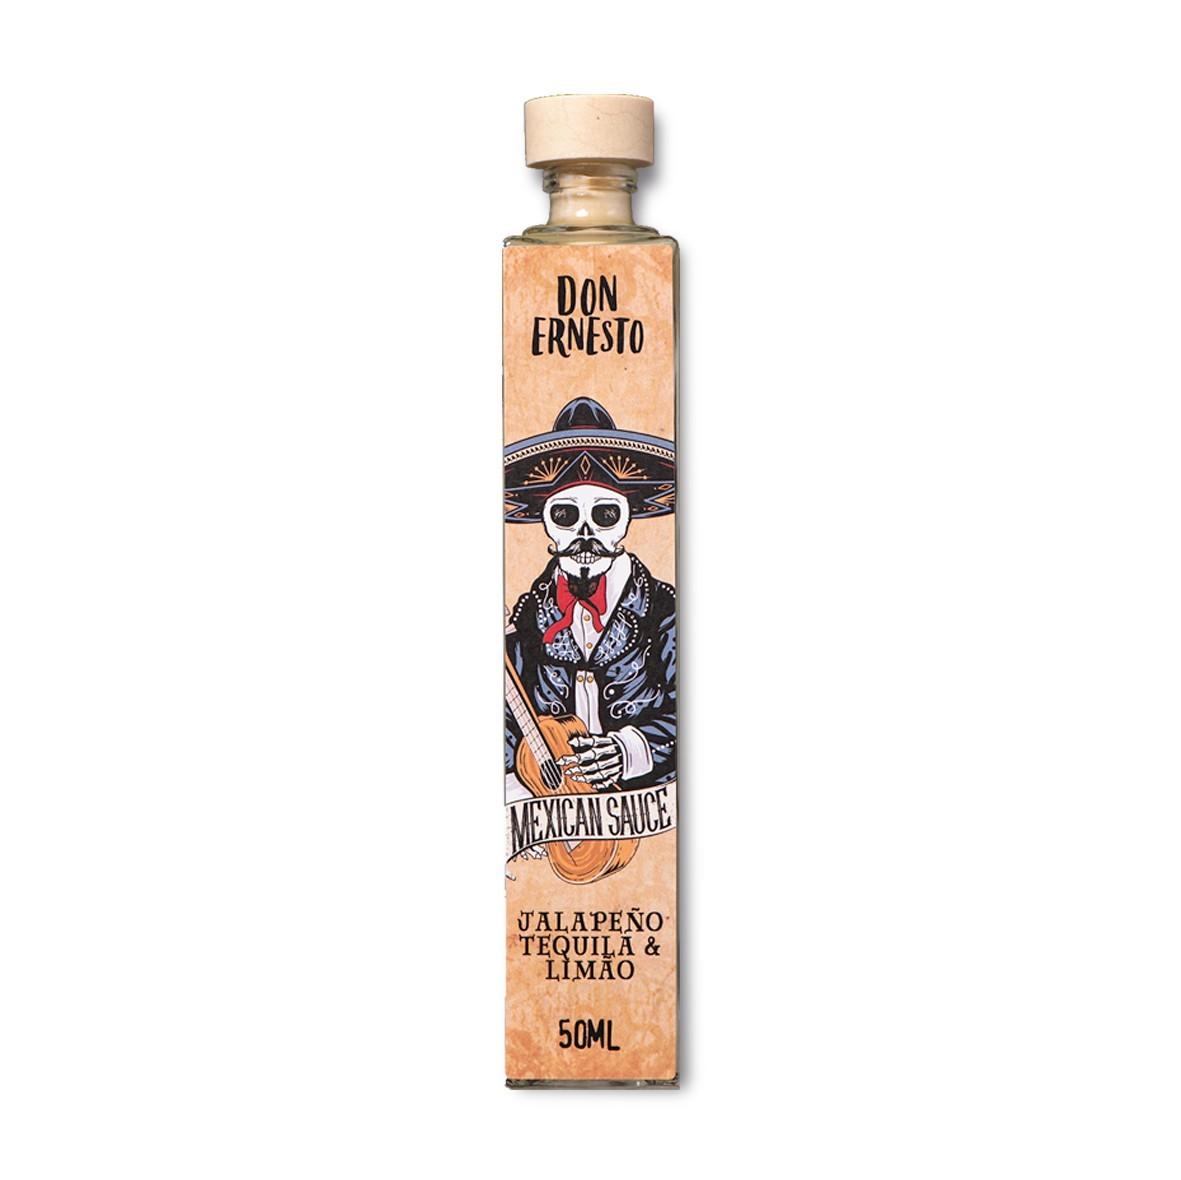 Molho de Pimenta Jalapeño com Tequila e Limão Don Ernesto